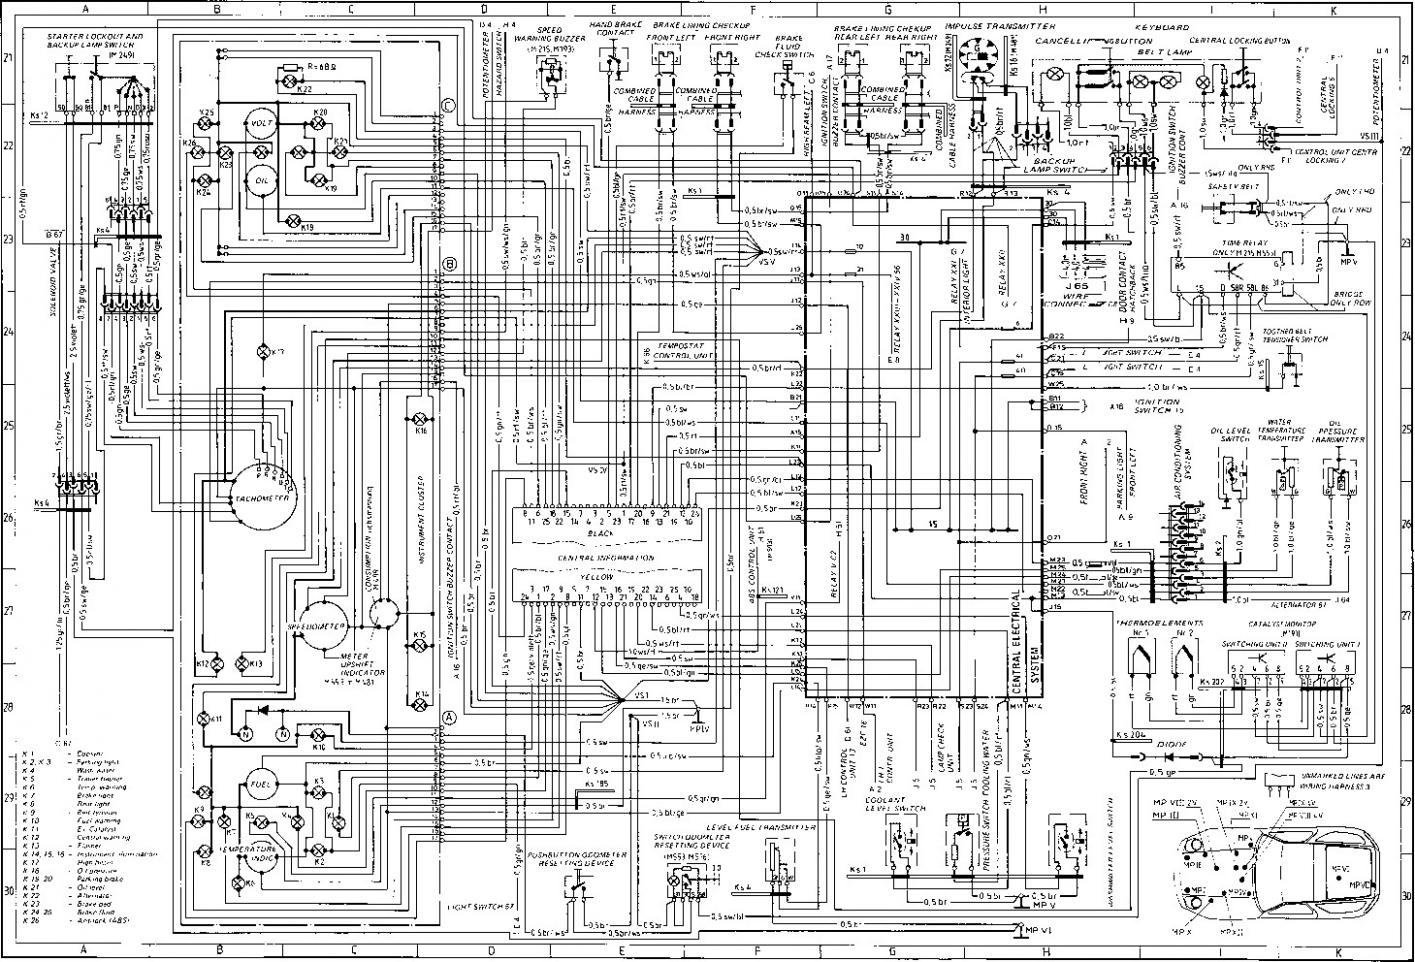 porsche 914 wiring diagram porsche 944 wiring harness diagram wiring diagram data 1975 porsche 914 wiring diagram porsche 944 wiring harness diagram